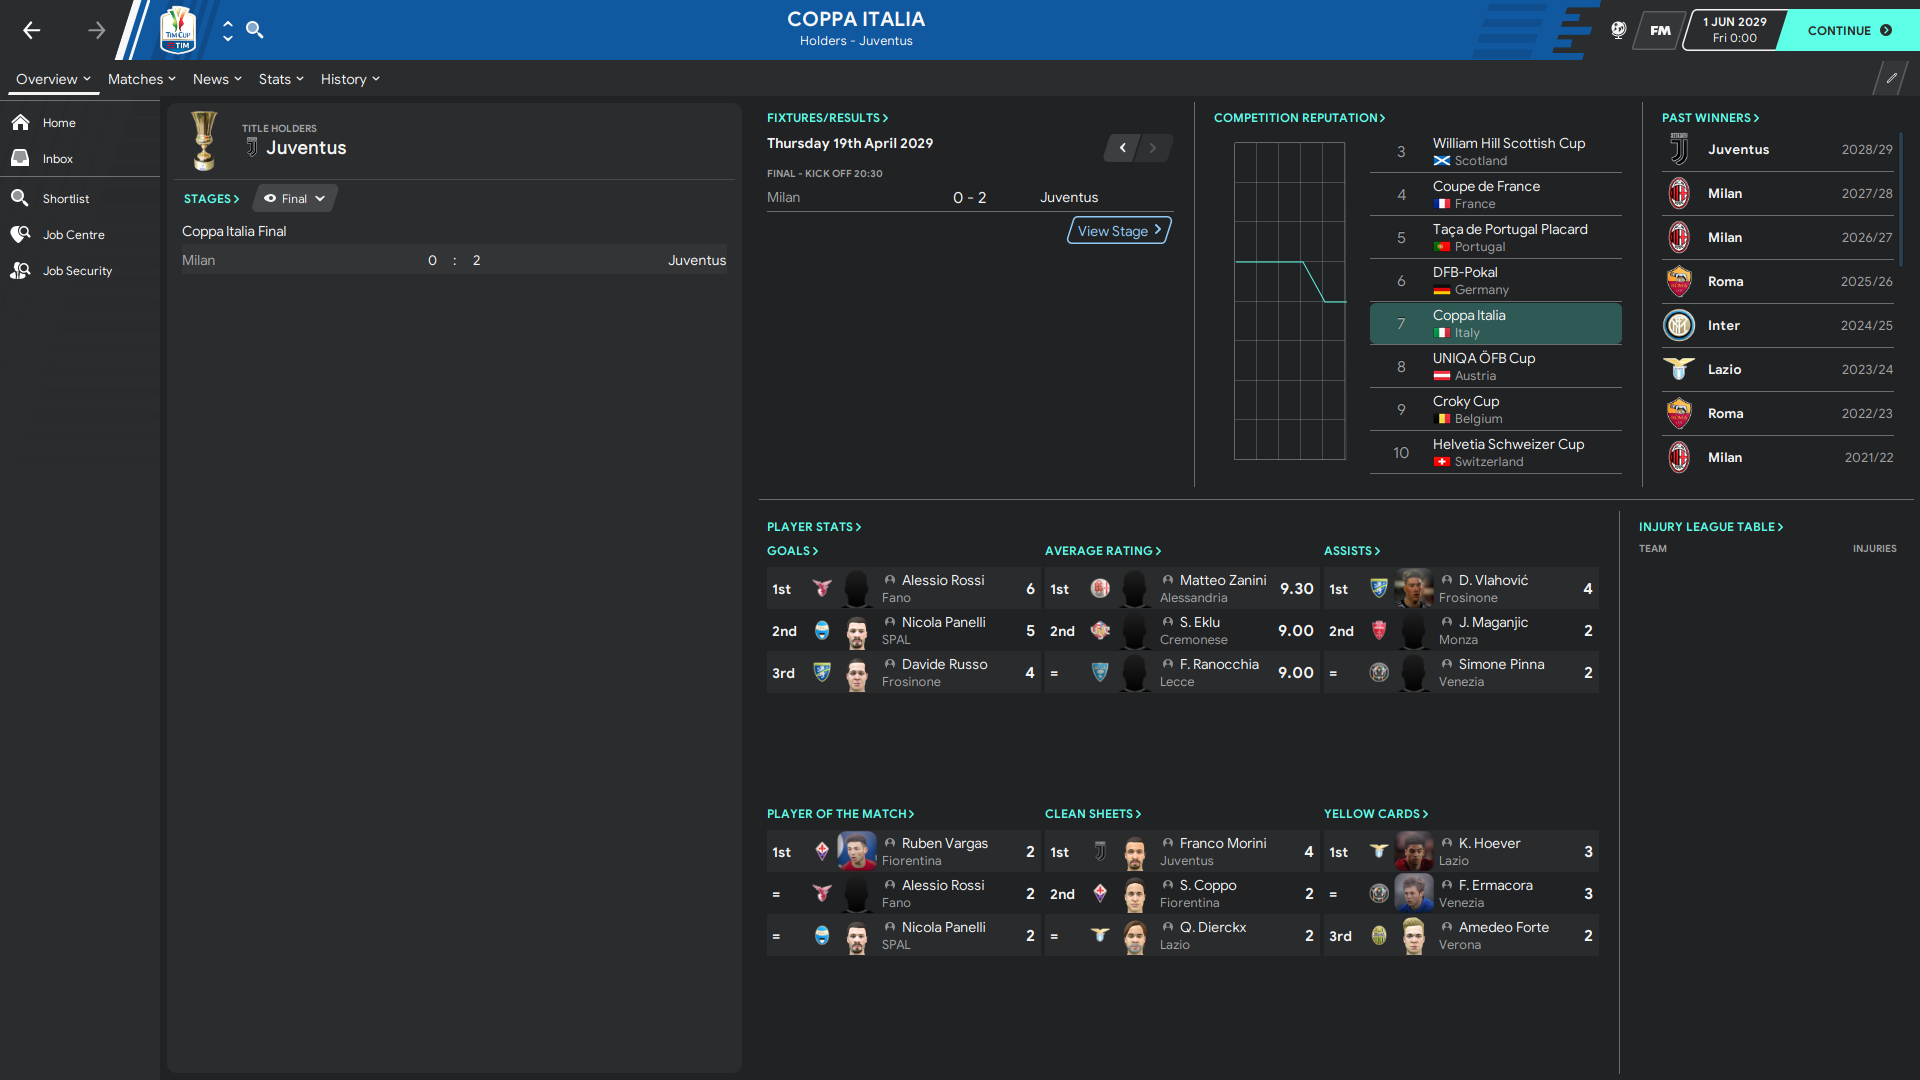 Coppa Italia_ Profile.png